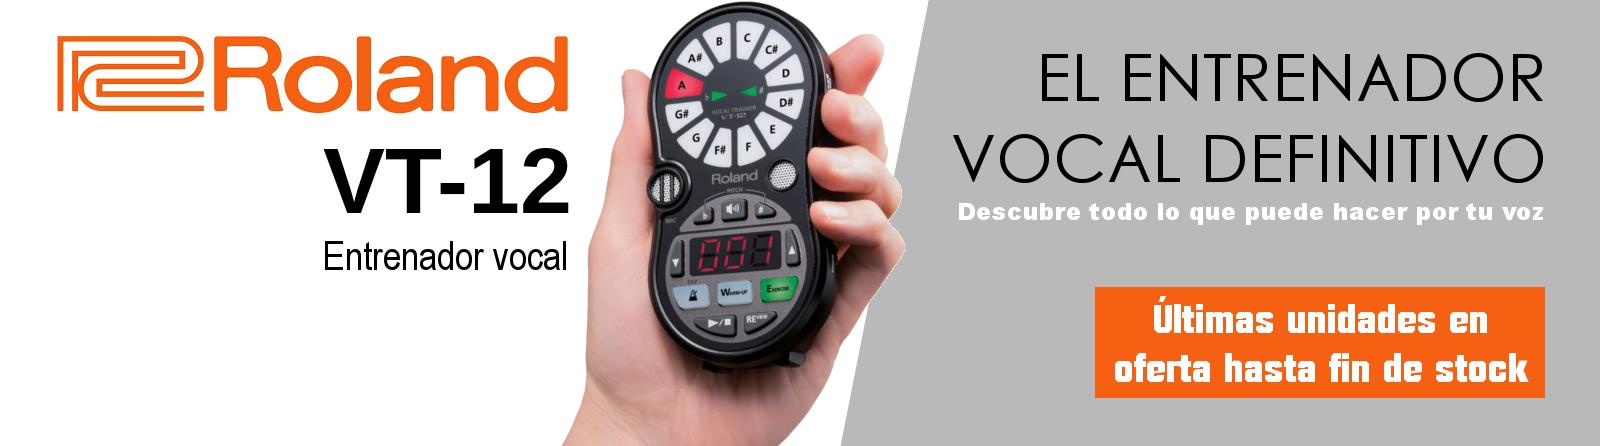 Oferta VT12